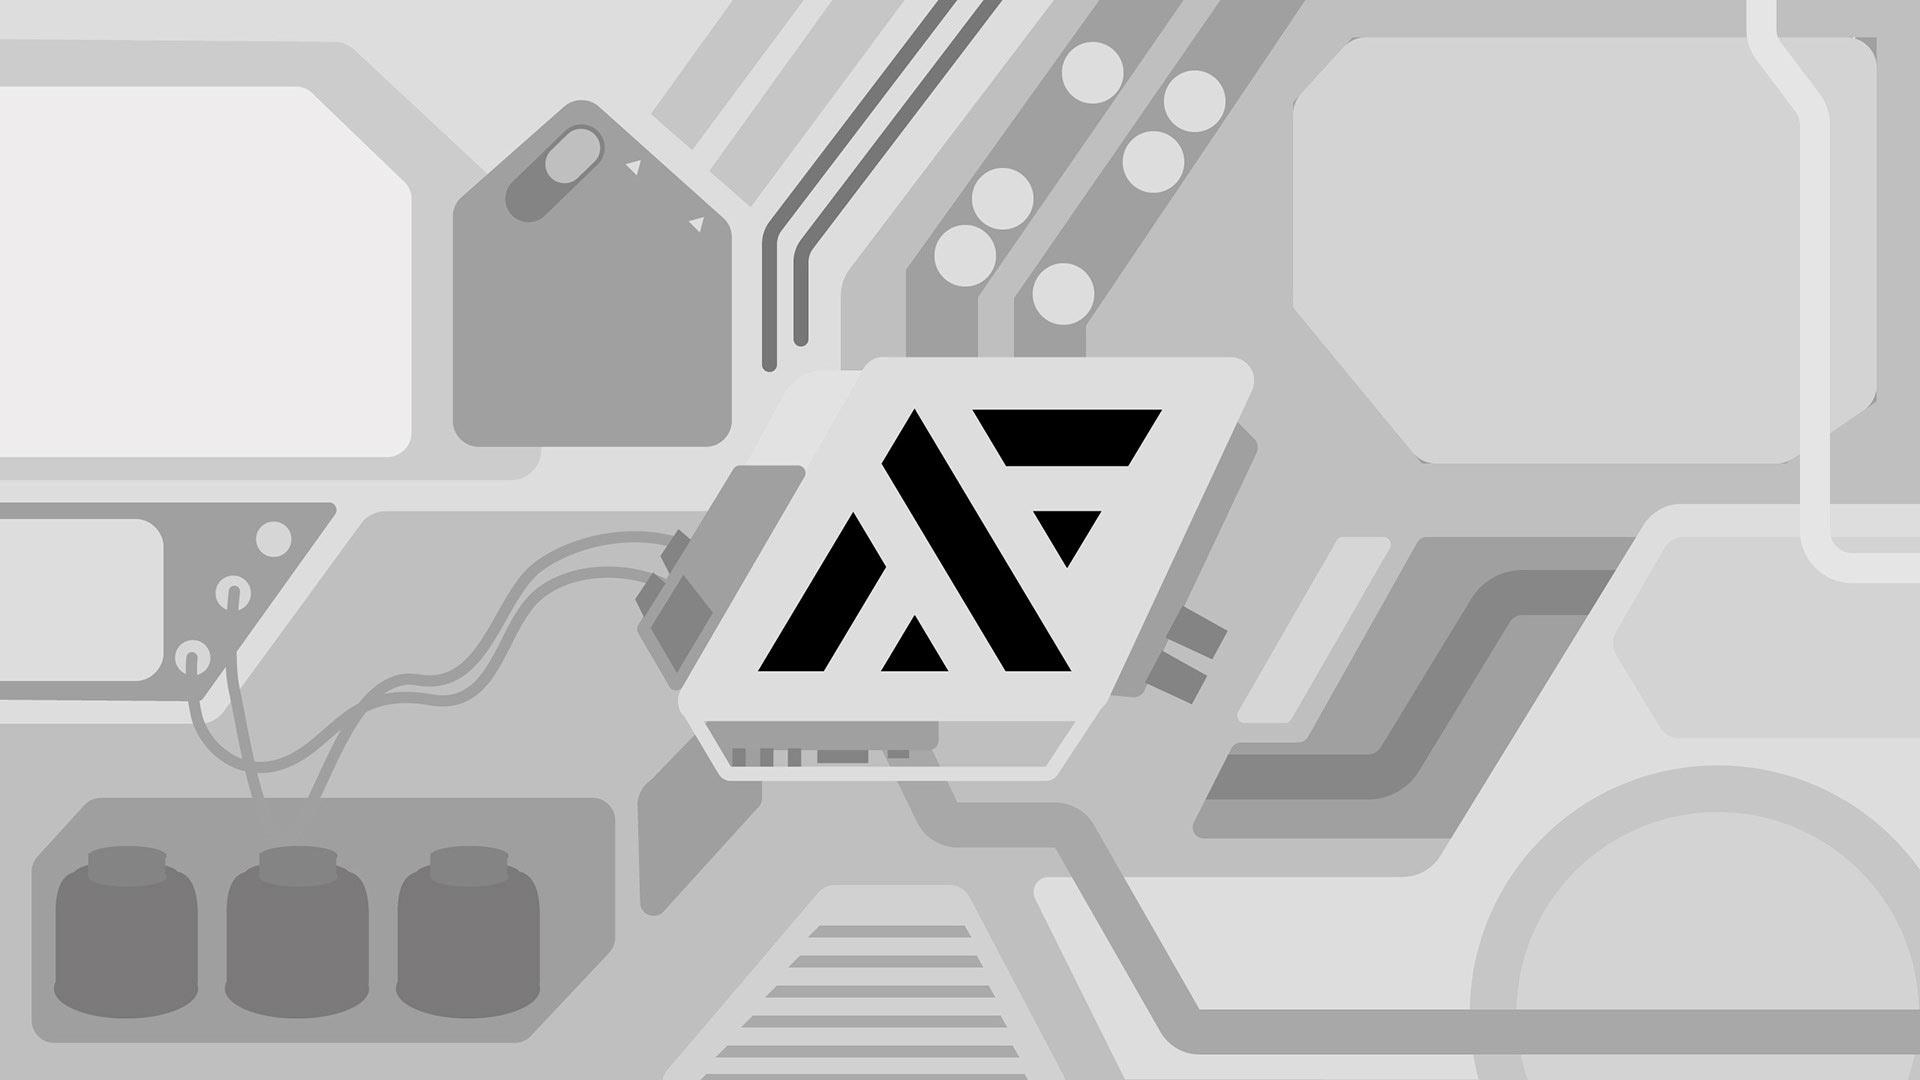 avantform_launch_reel_044_opt